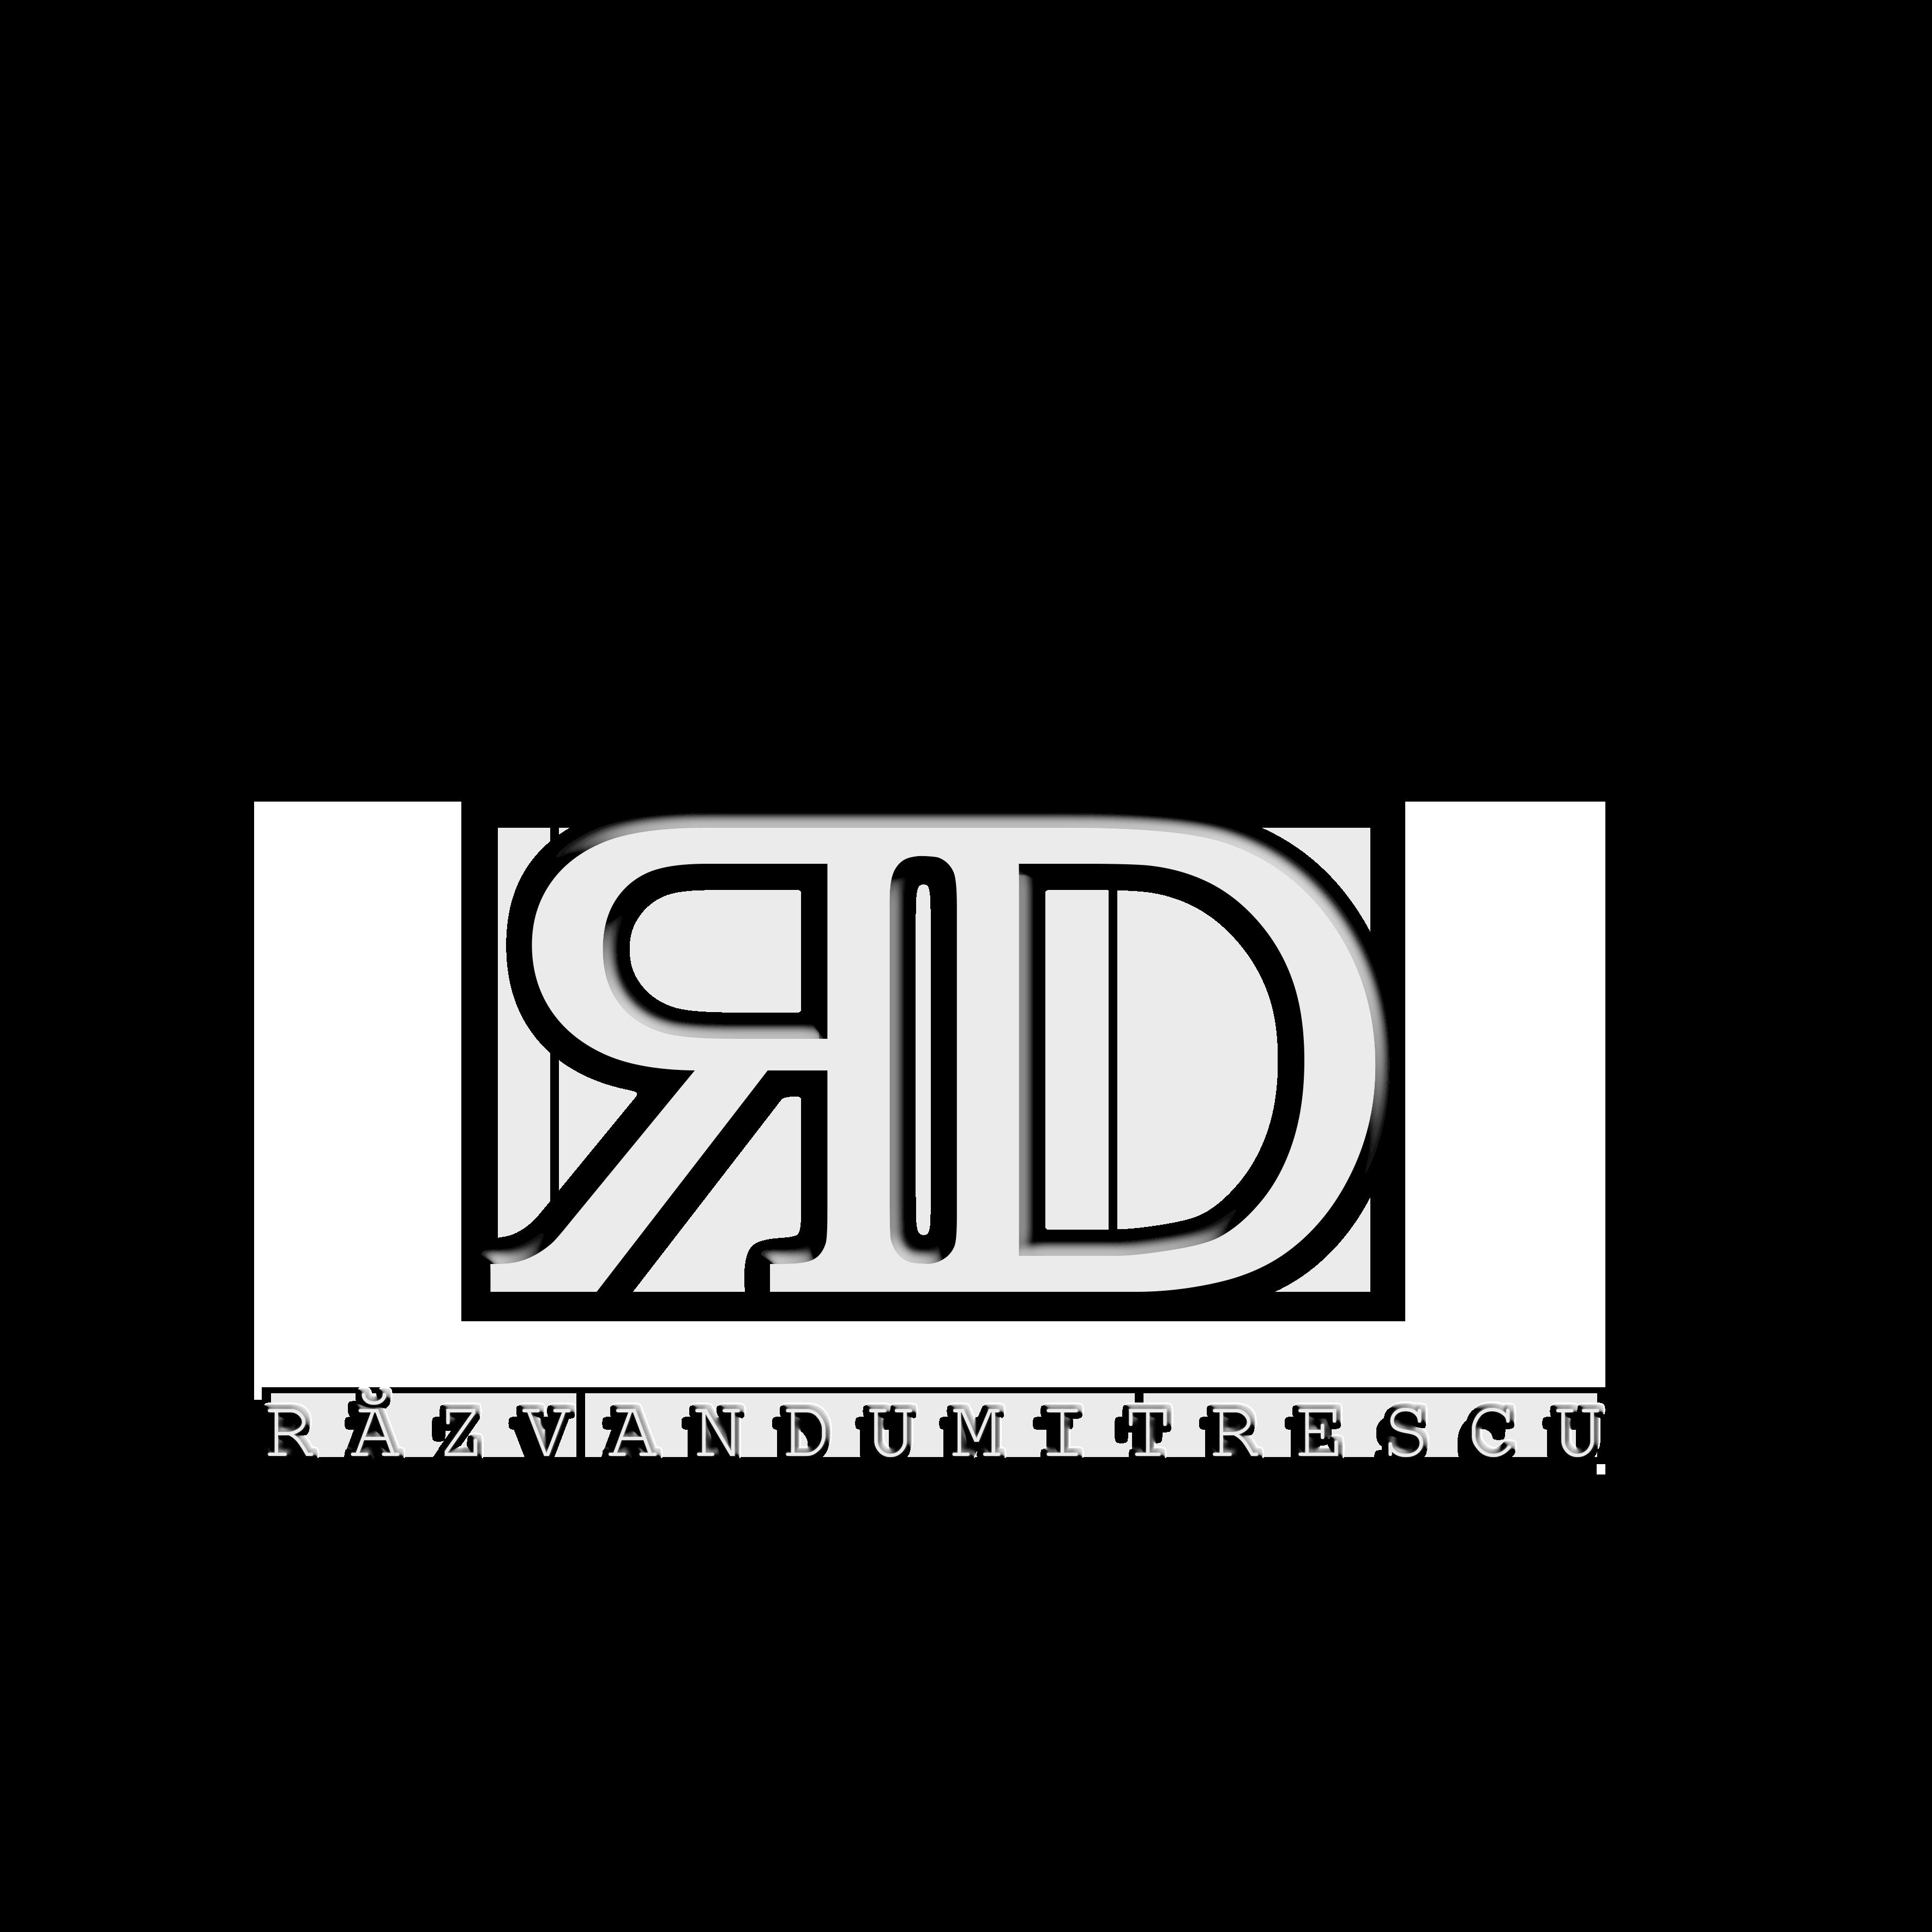 Video Nunta Razvan Dumitrescu